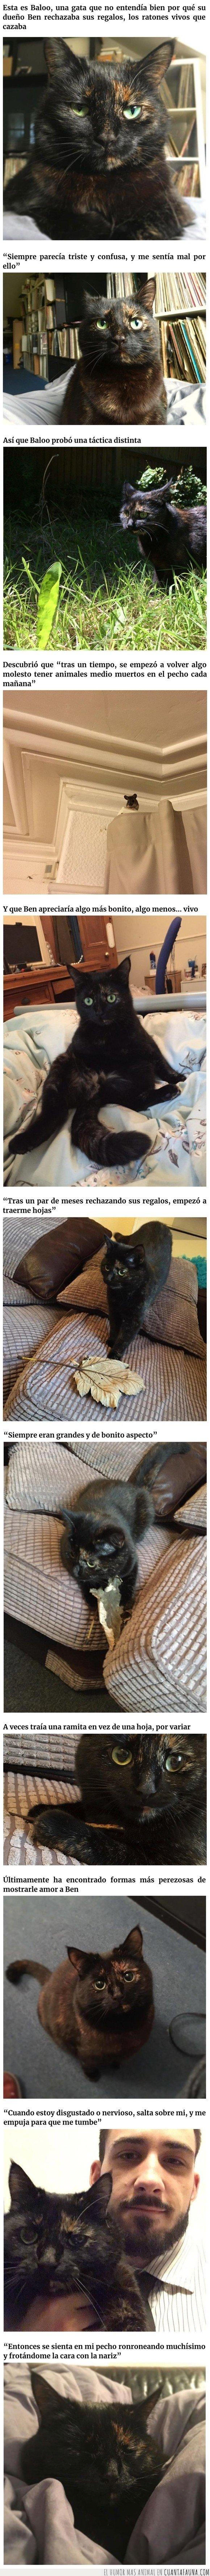 animales,gato,hojas